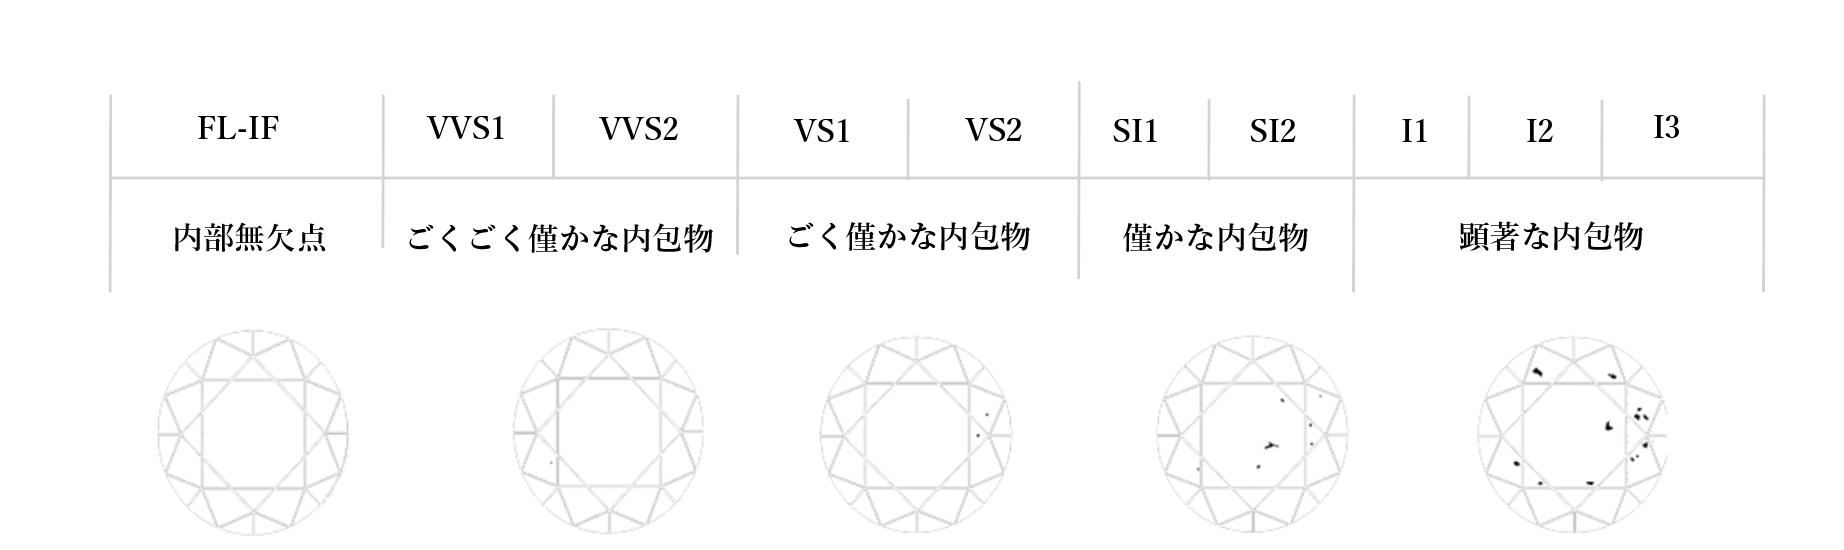 ダイヤモンド・クラリティグレード